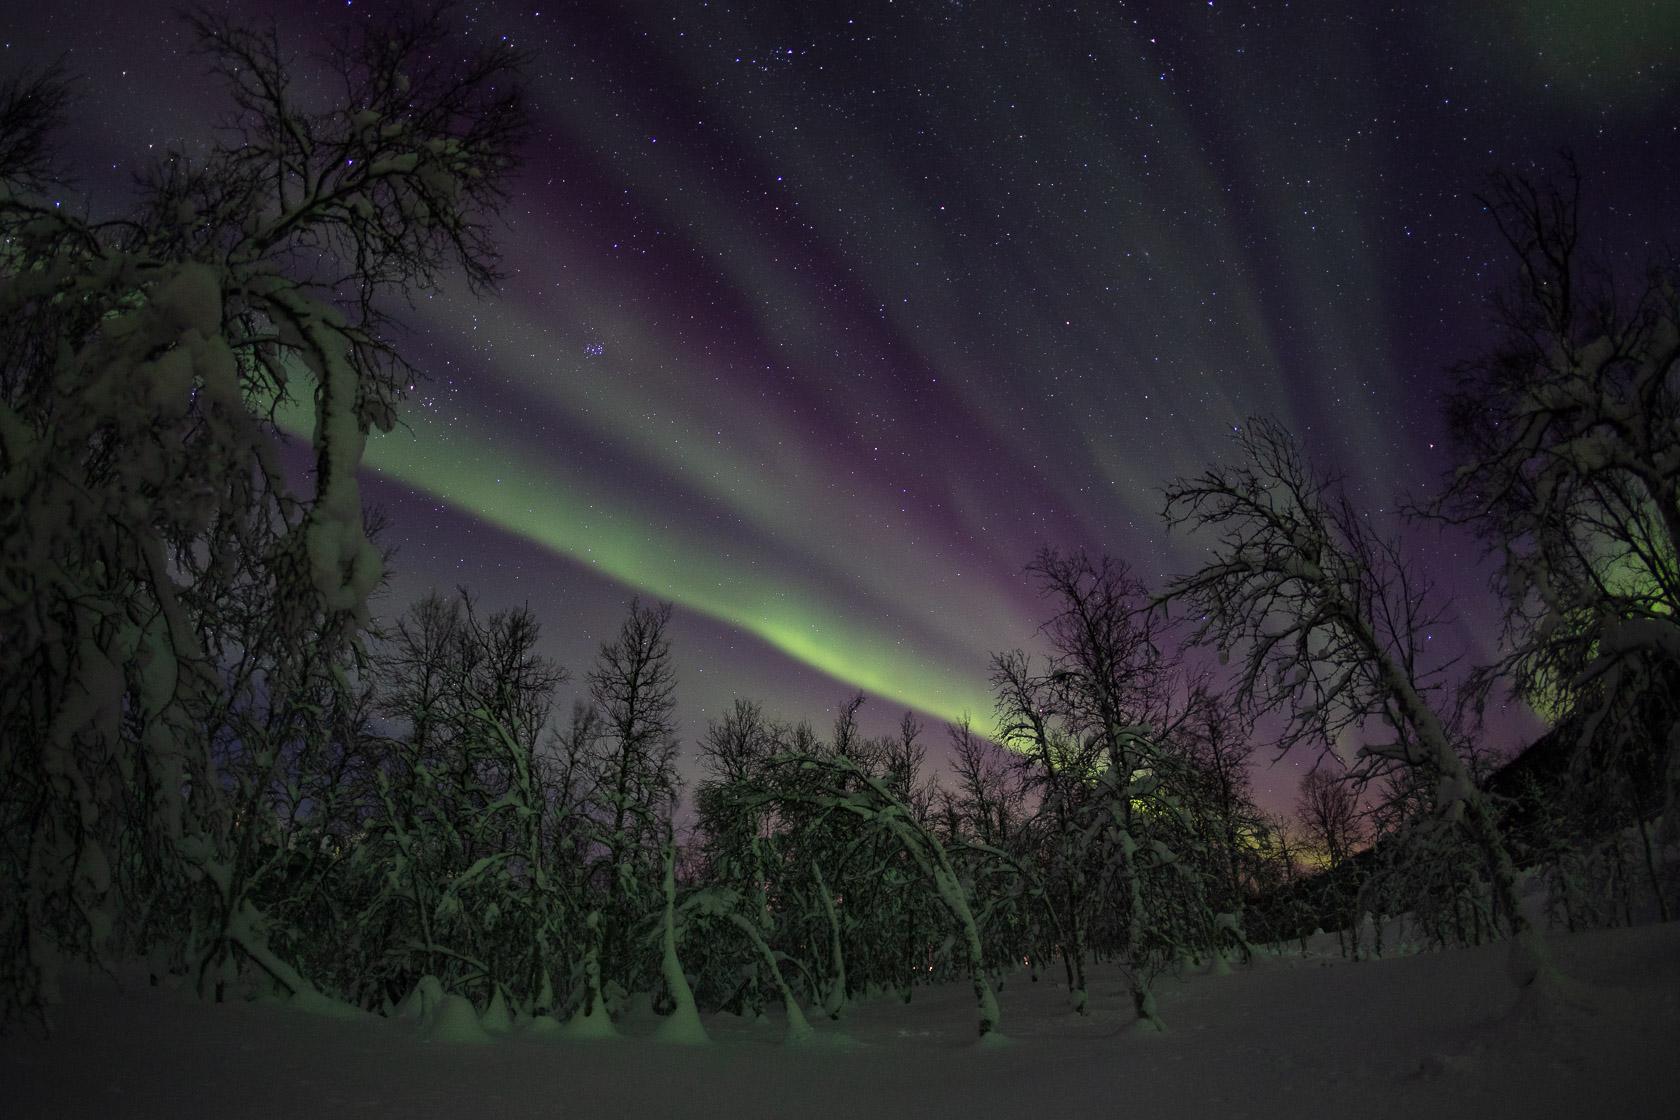 aurores boréales dans un forêt de bouleaux au coeur des Alpes de Lyngen, en Norvège